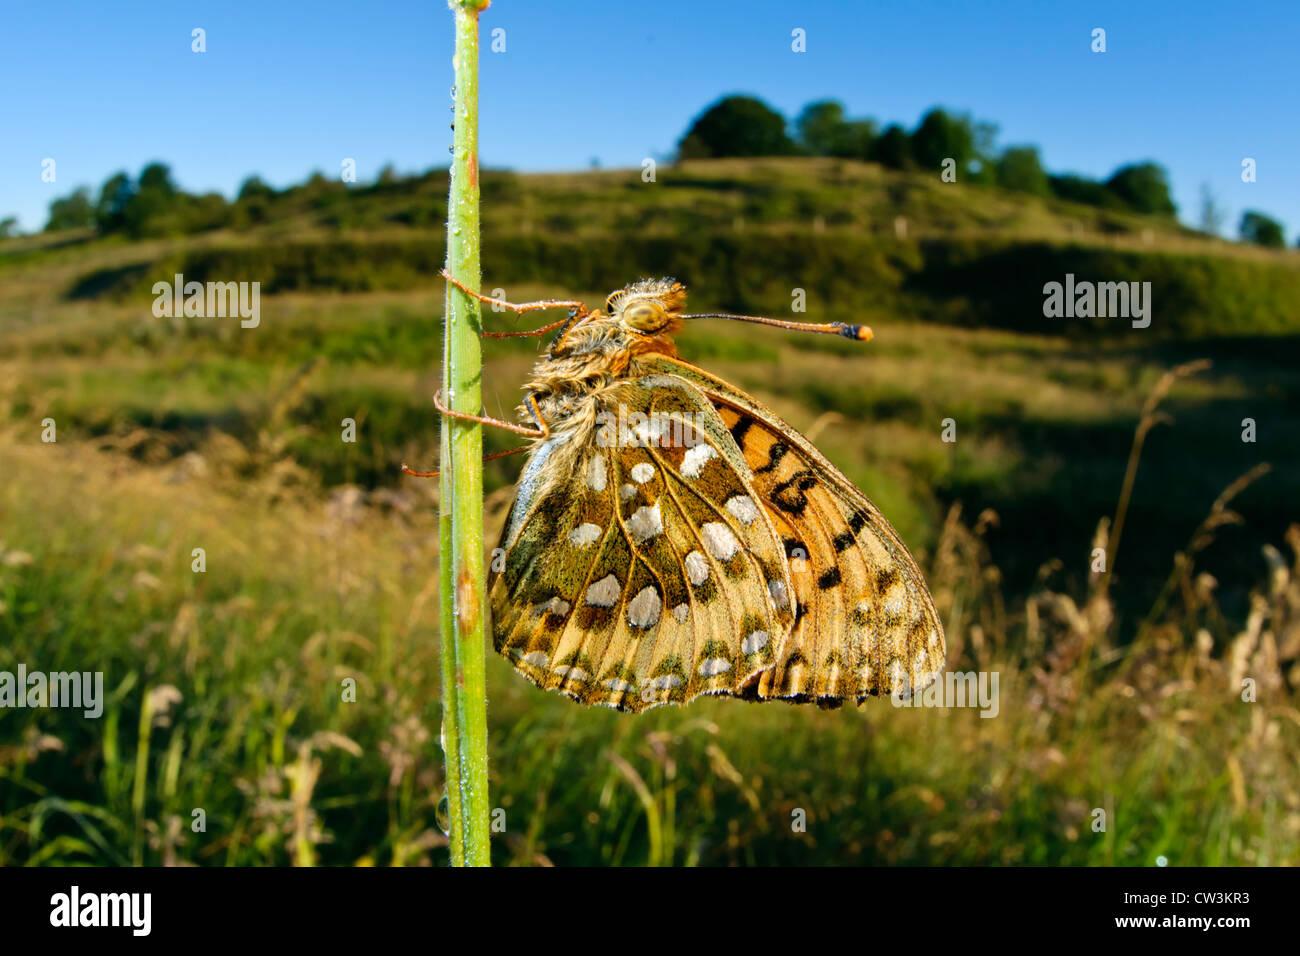 Verde scuro fritillary farfalla in un habitat erboso Immagini Stock